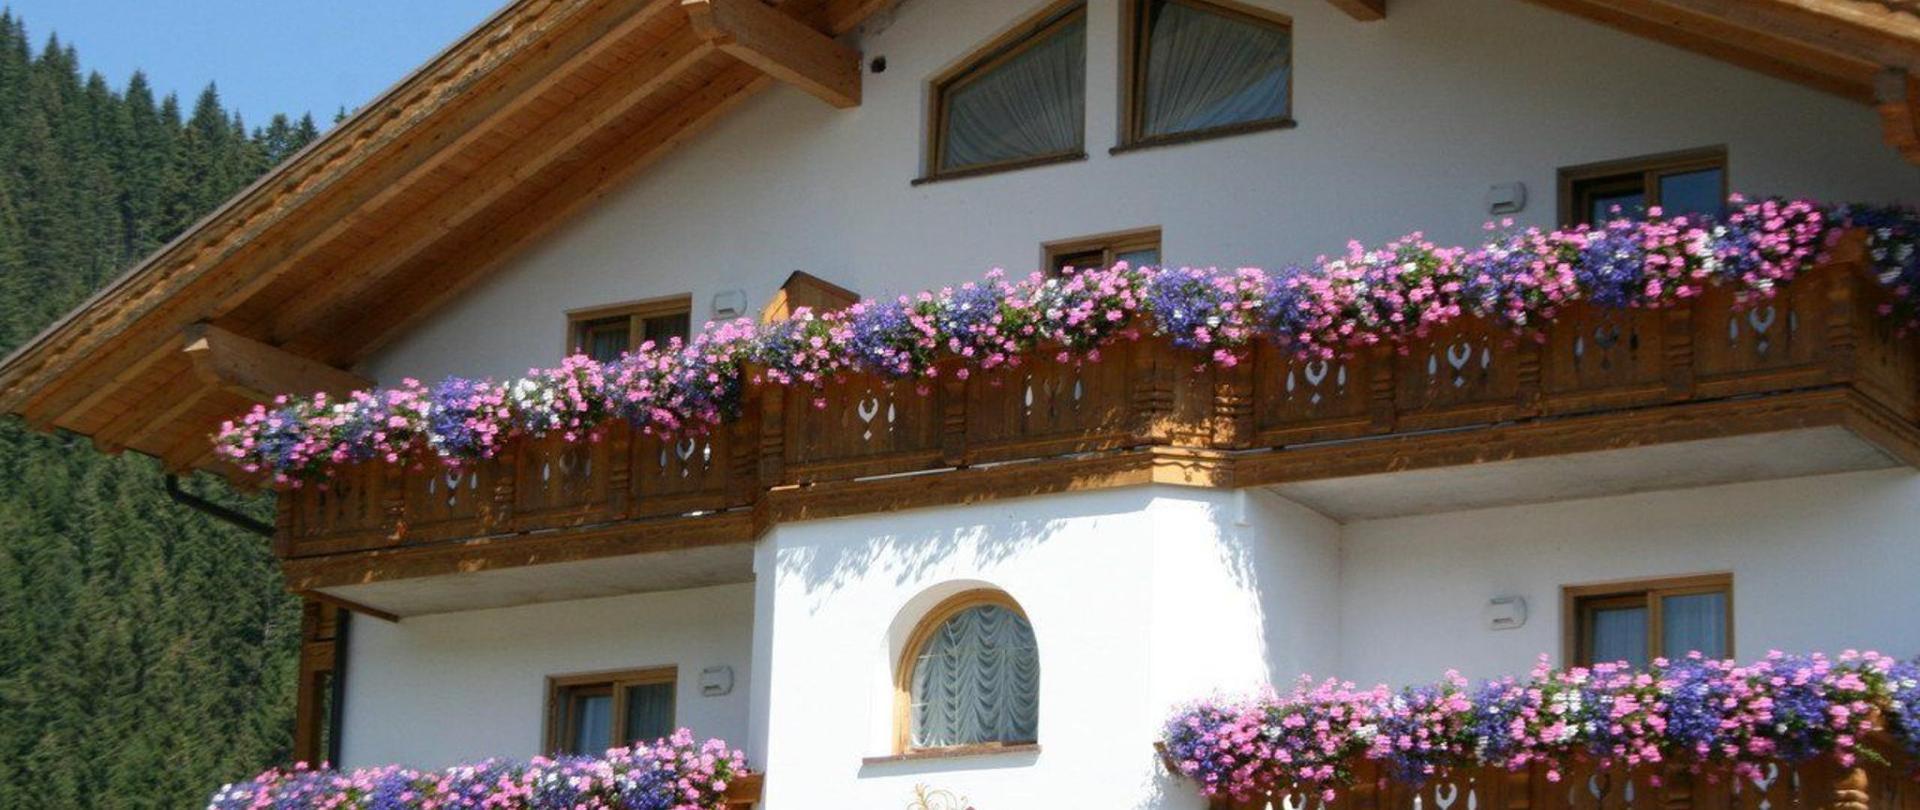 foto-hotel-estate.JPG